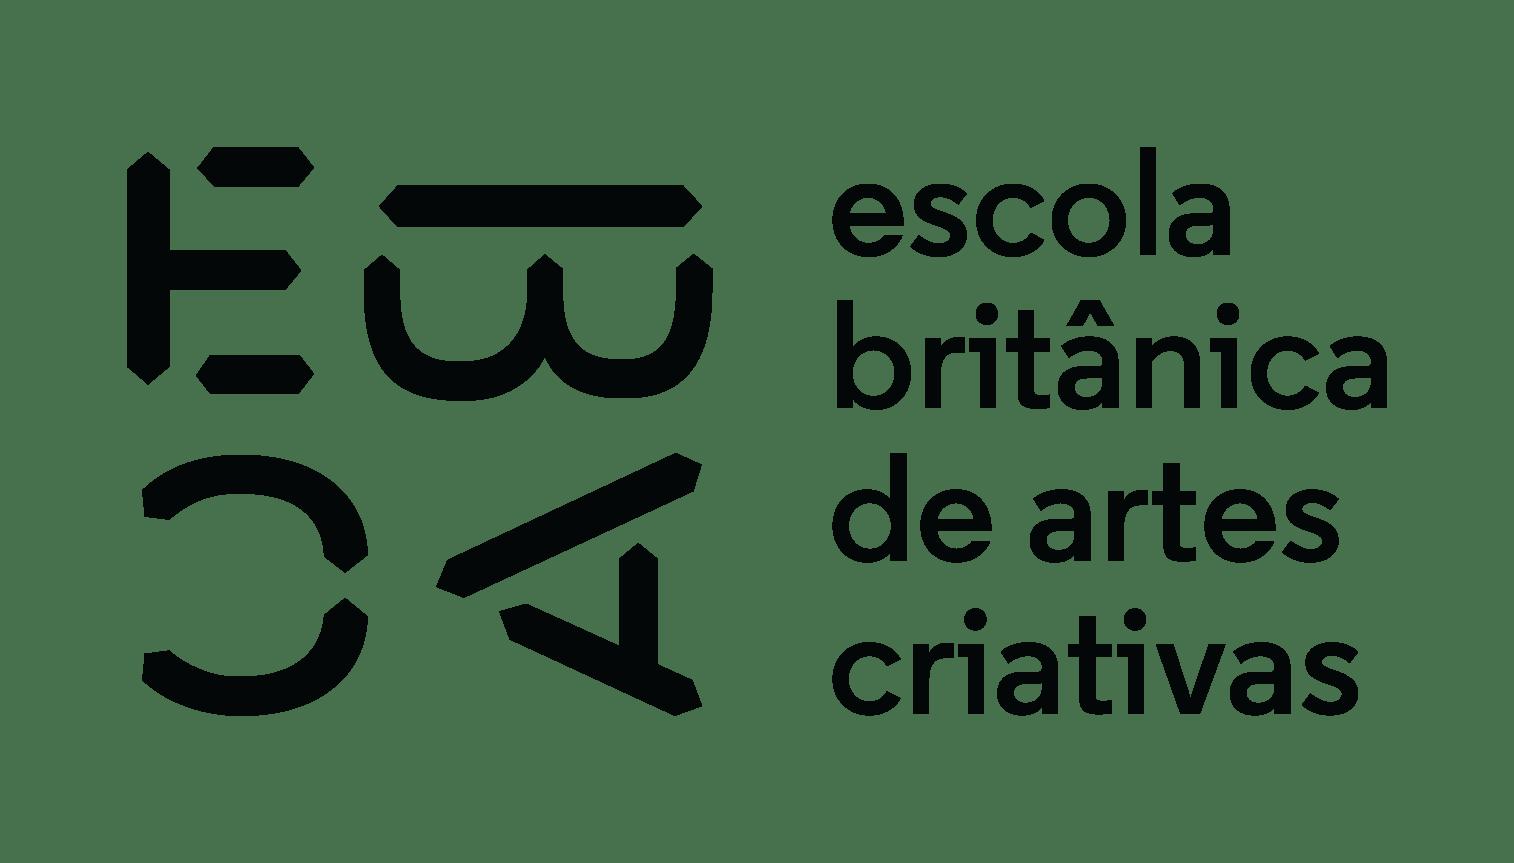 EBAC – Escola Britânica de Artes Criativas